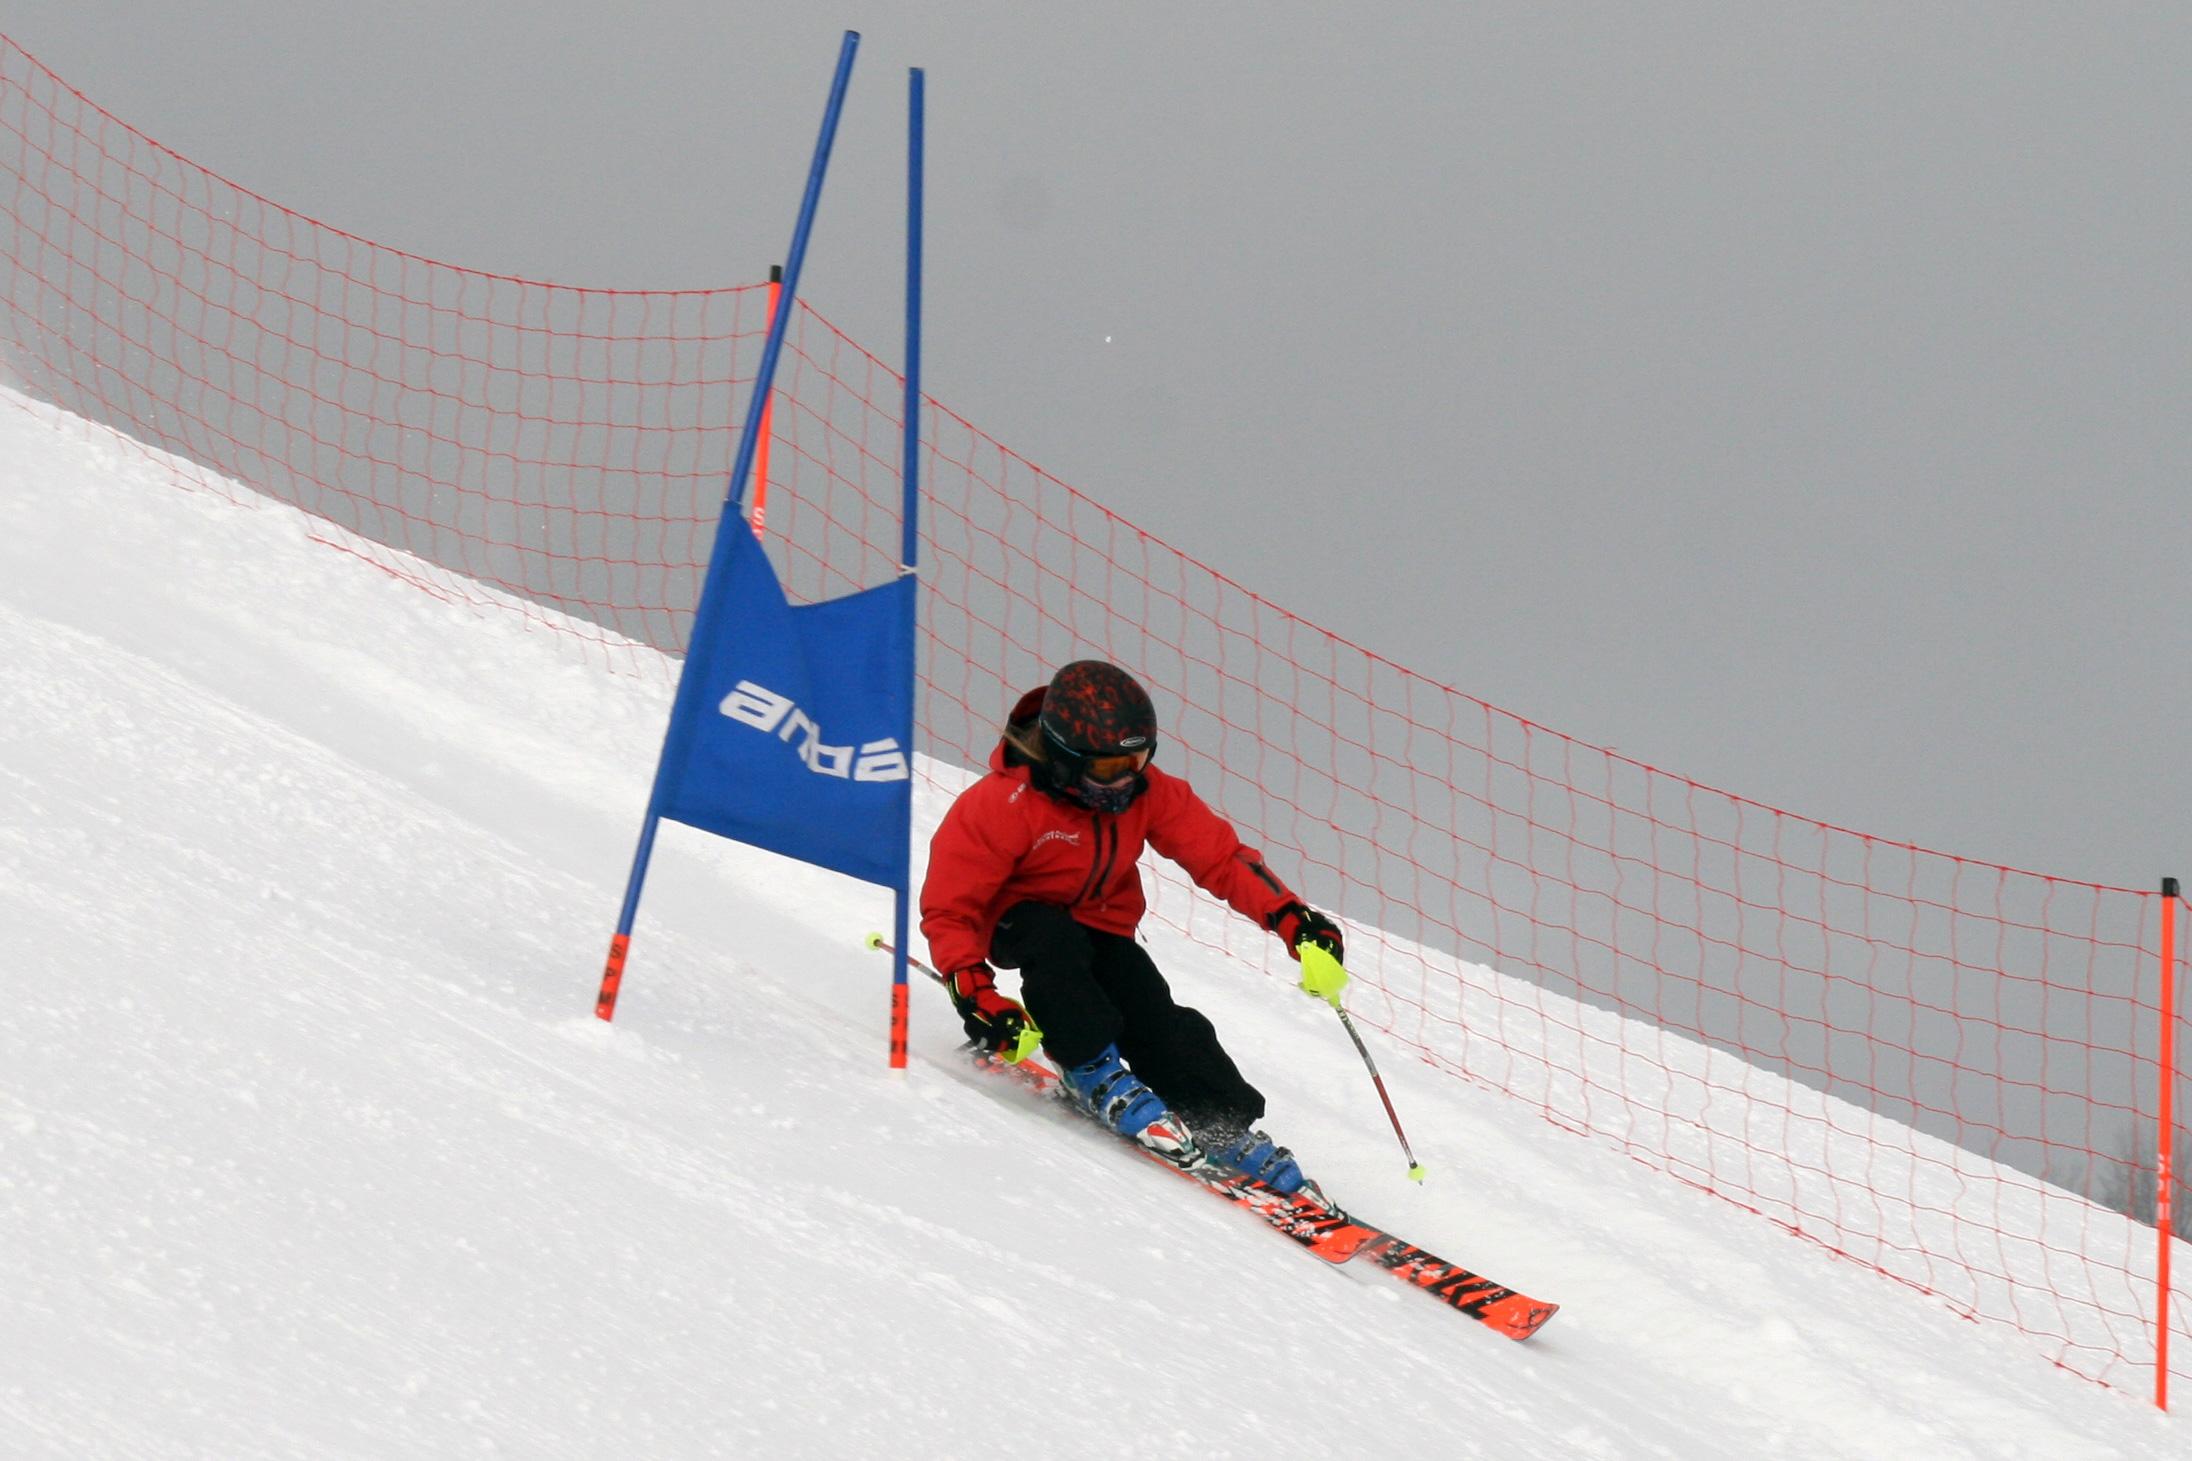 Rennläuferin beim Training